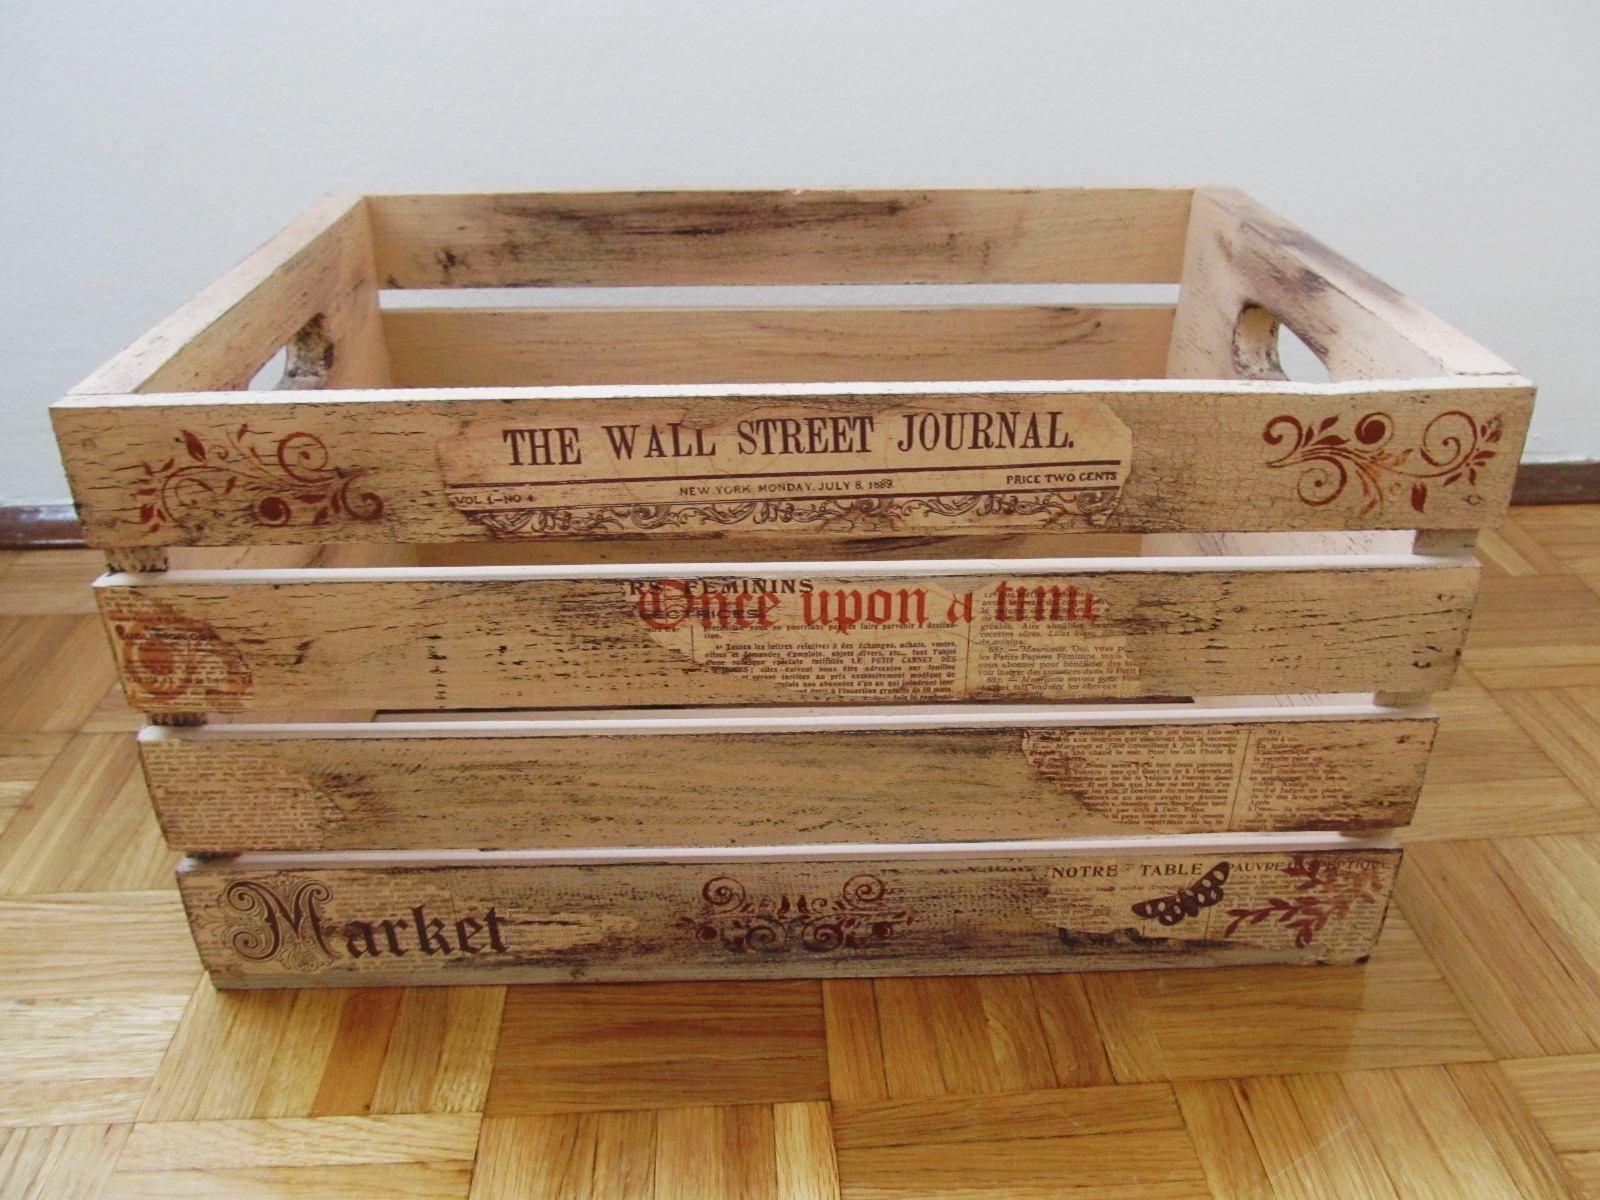 Wooden Crates, Decor, Newspaper Box